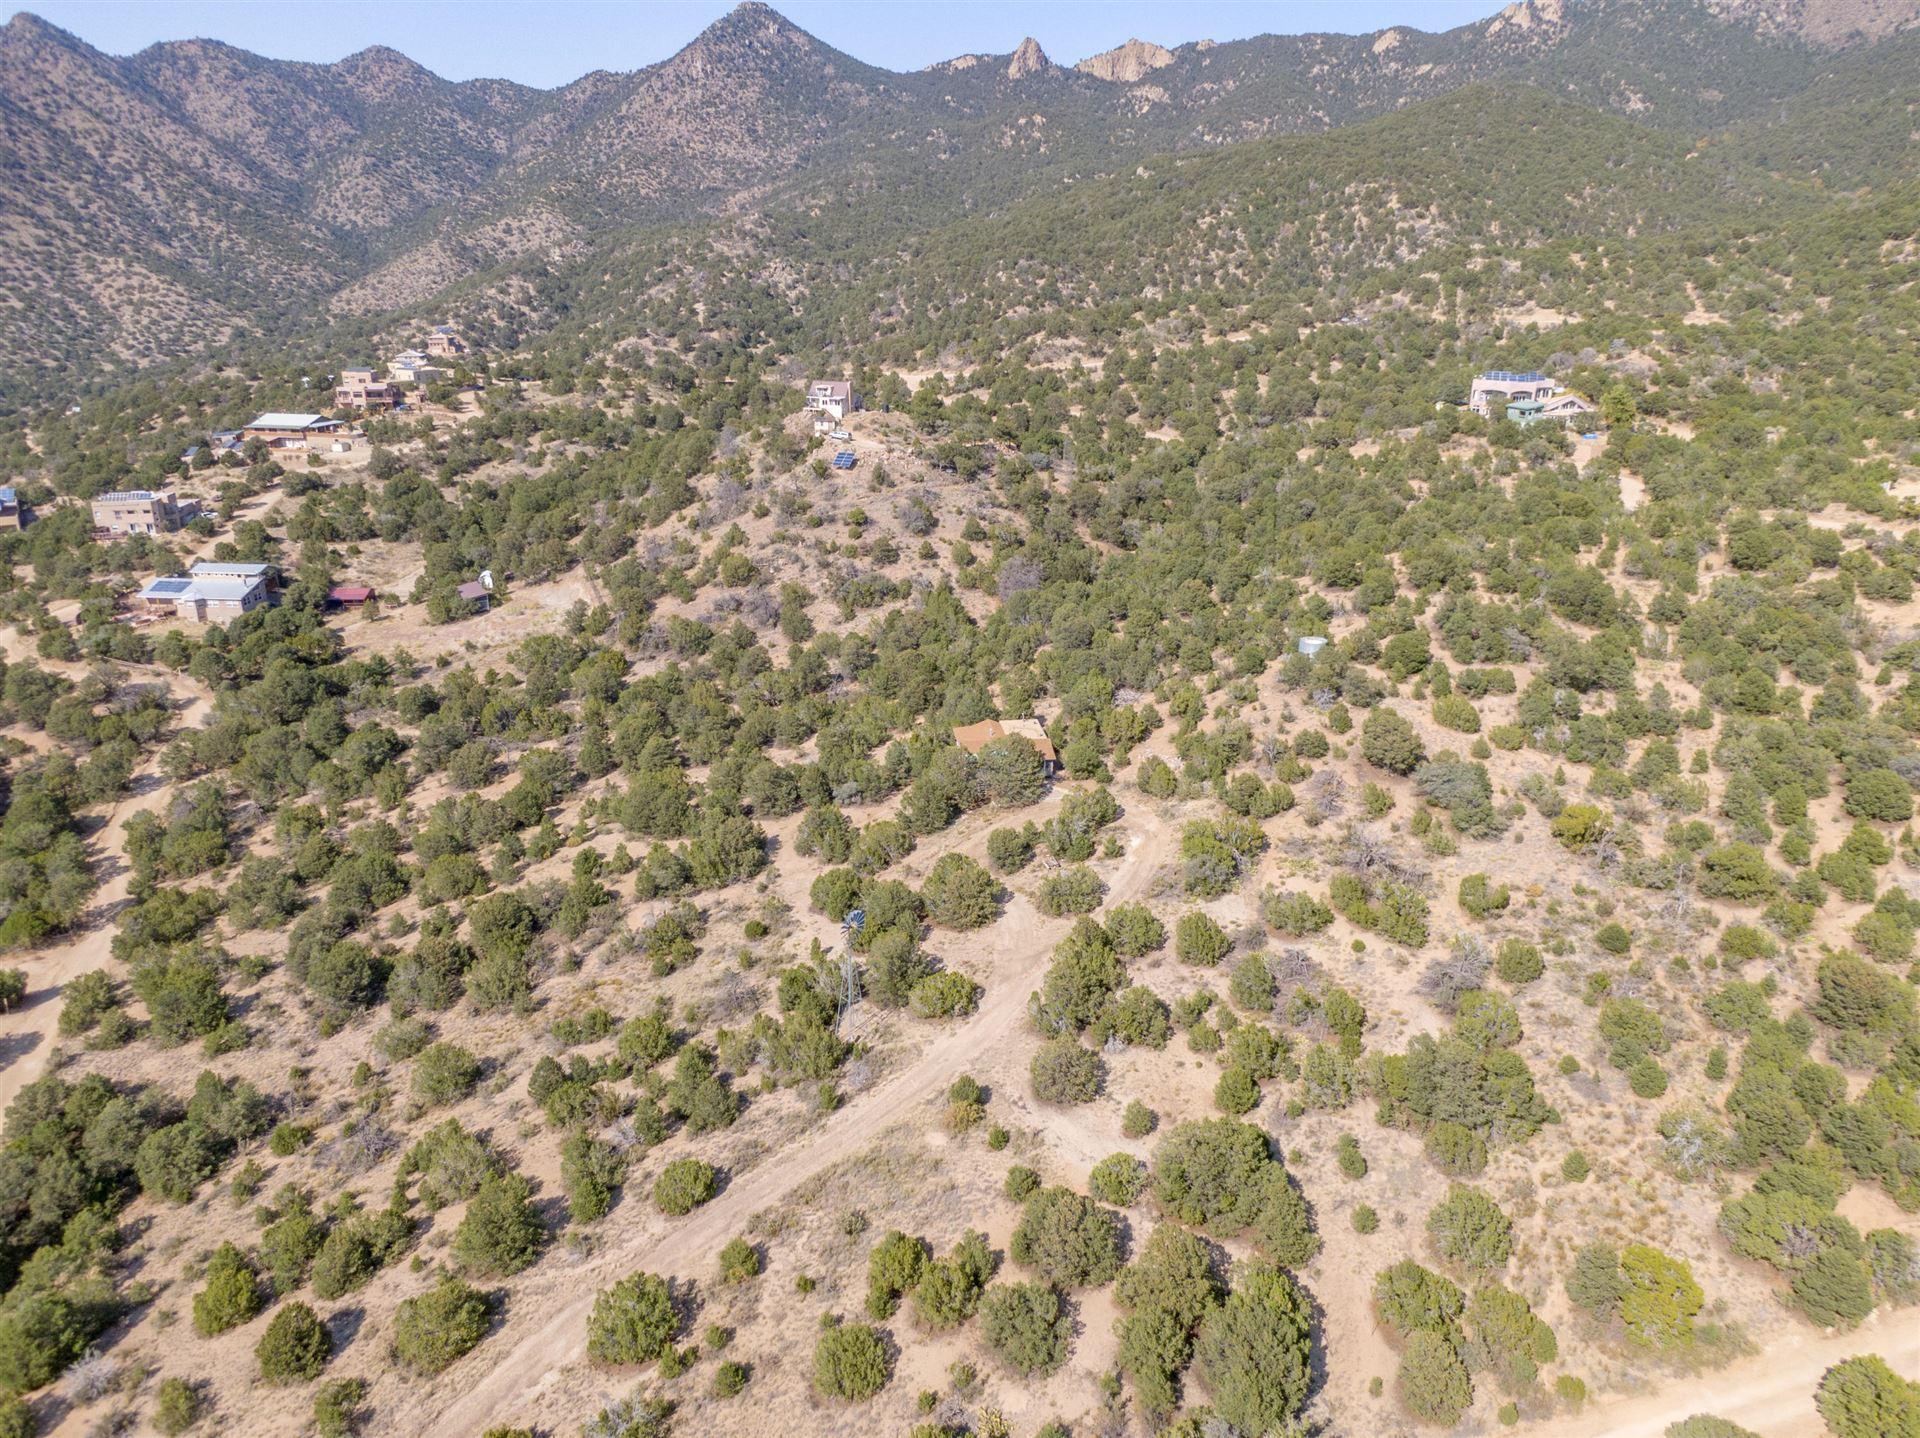 46 CIRCLE Drive NE, Albuquerque, NM 87122 - MLS#: 979942